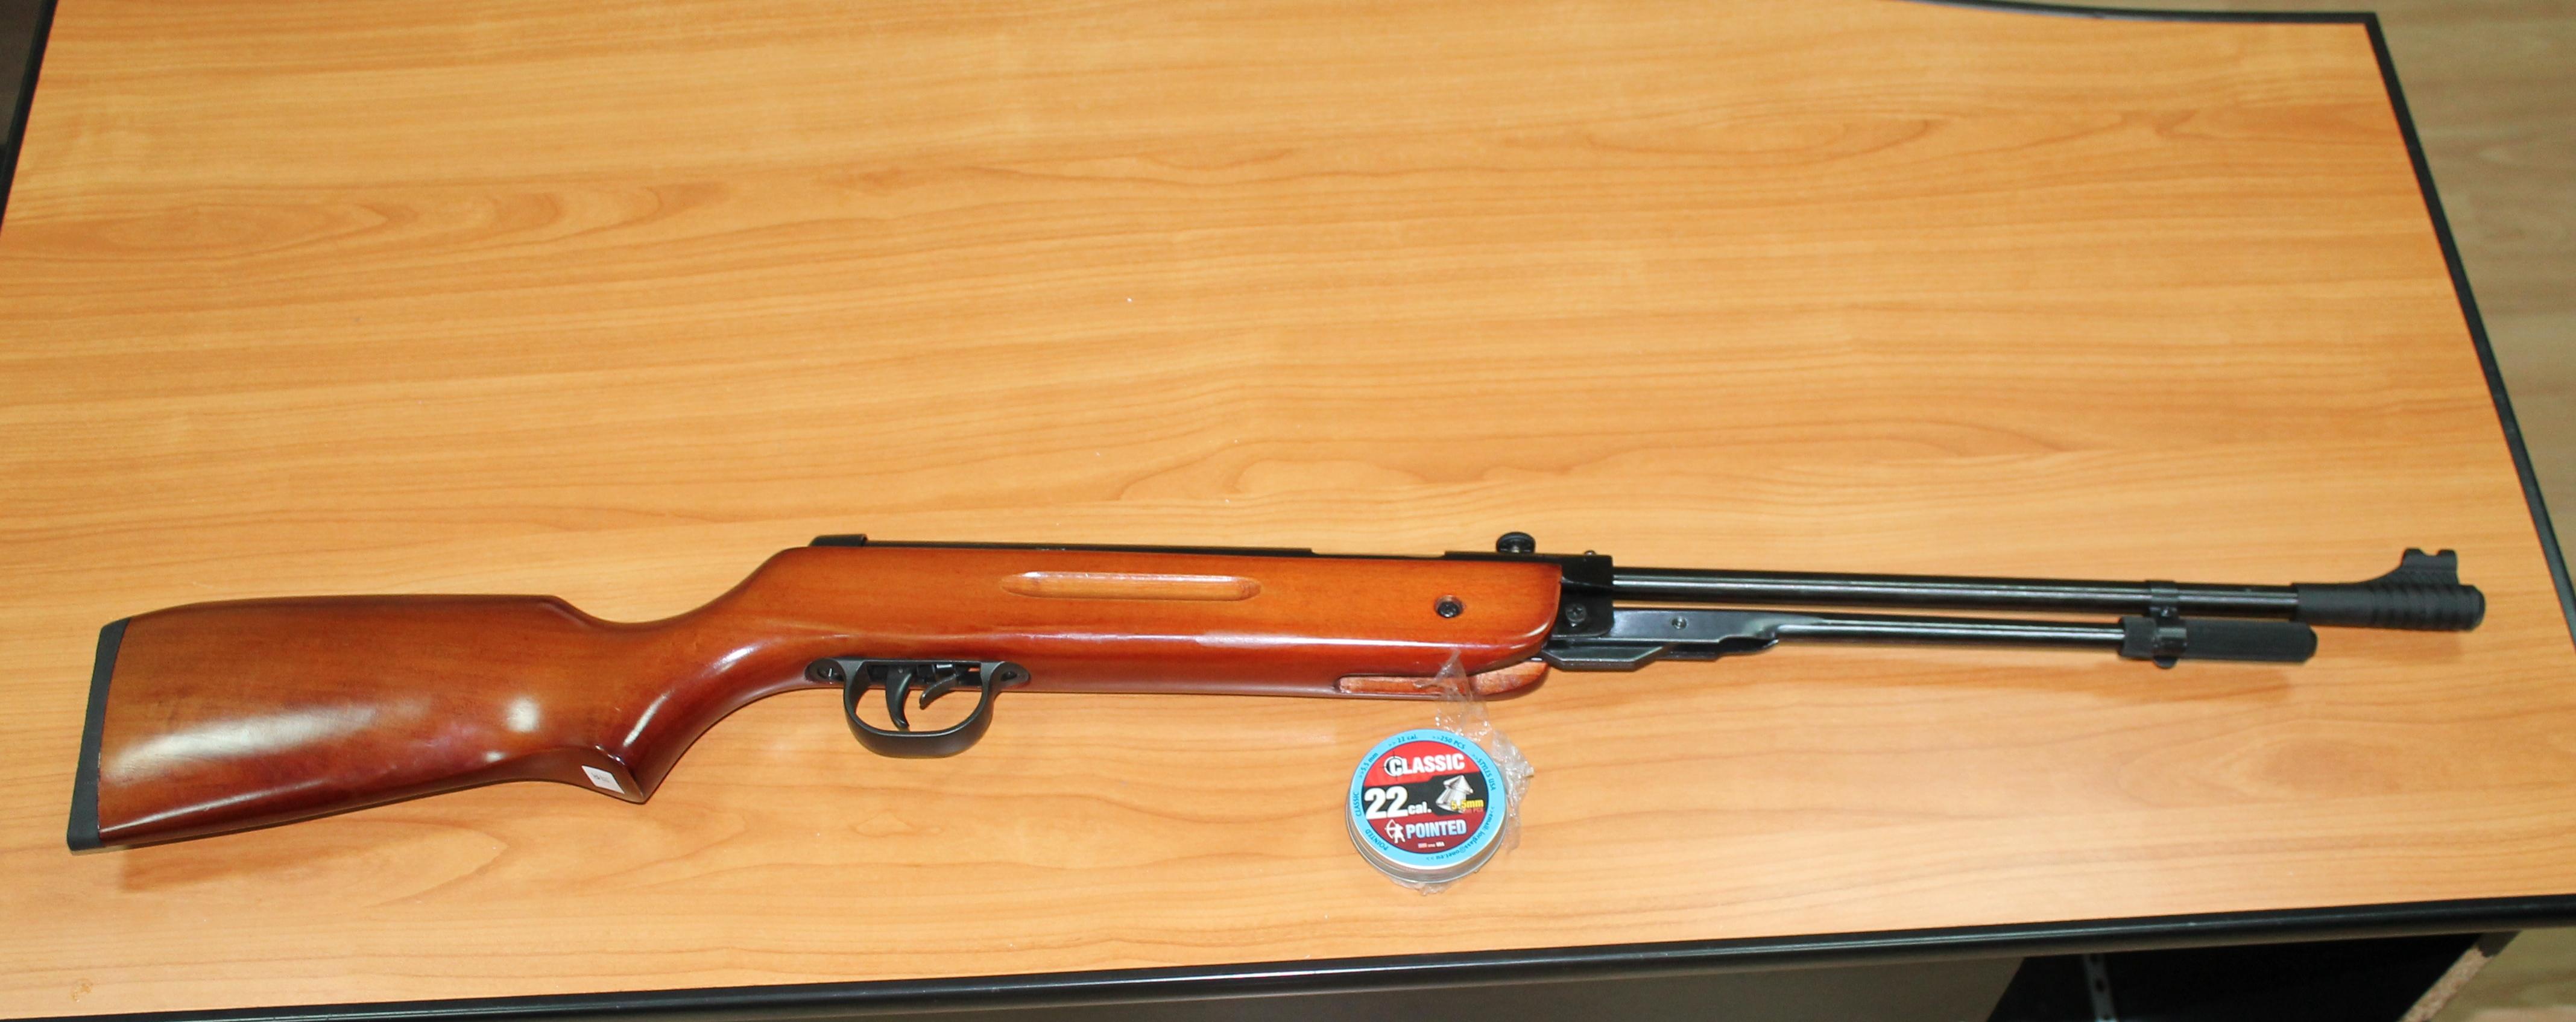 Armă pneumatică nedeclarată, depistată de vameși în bagajul unui moldovean